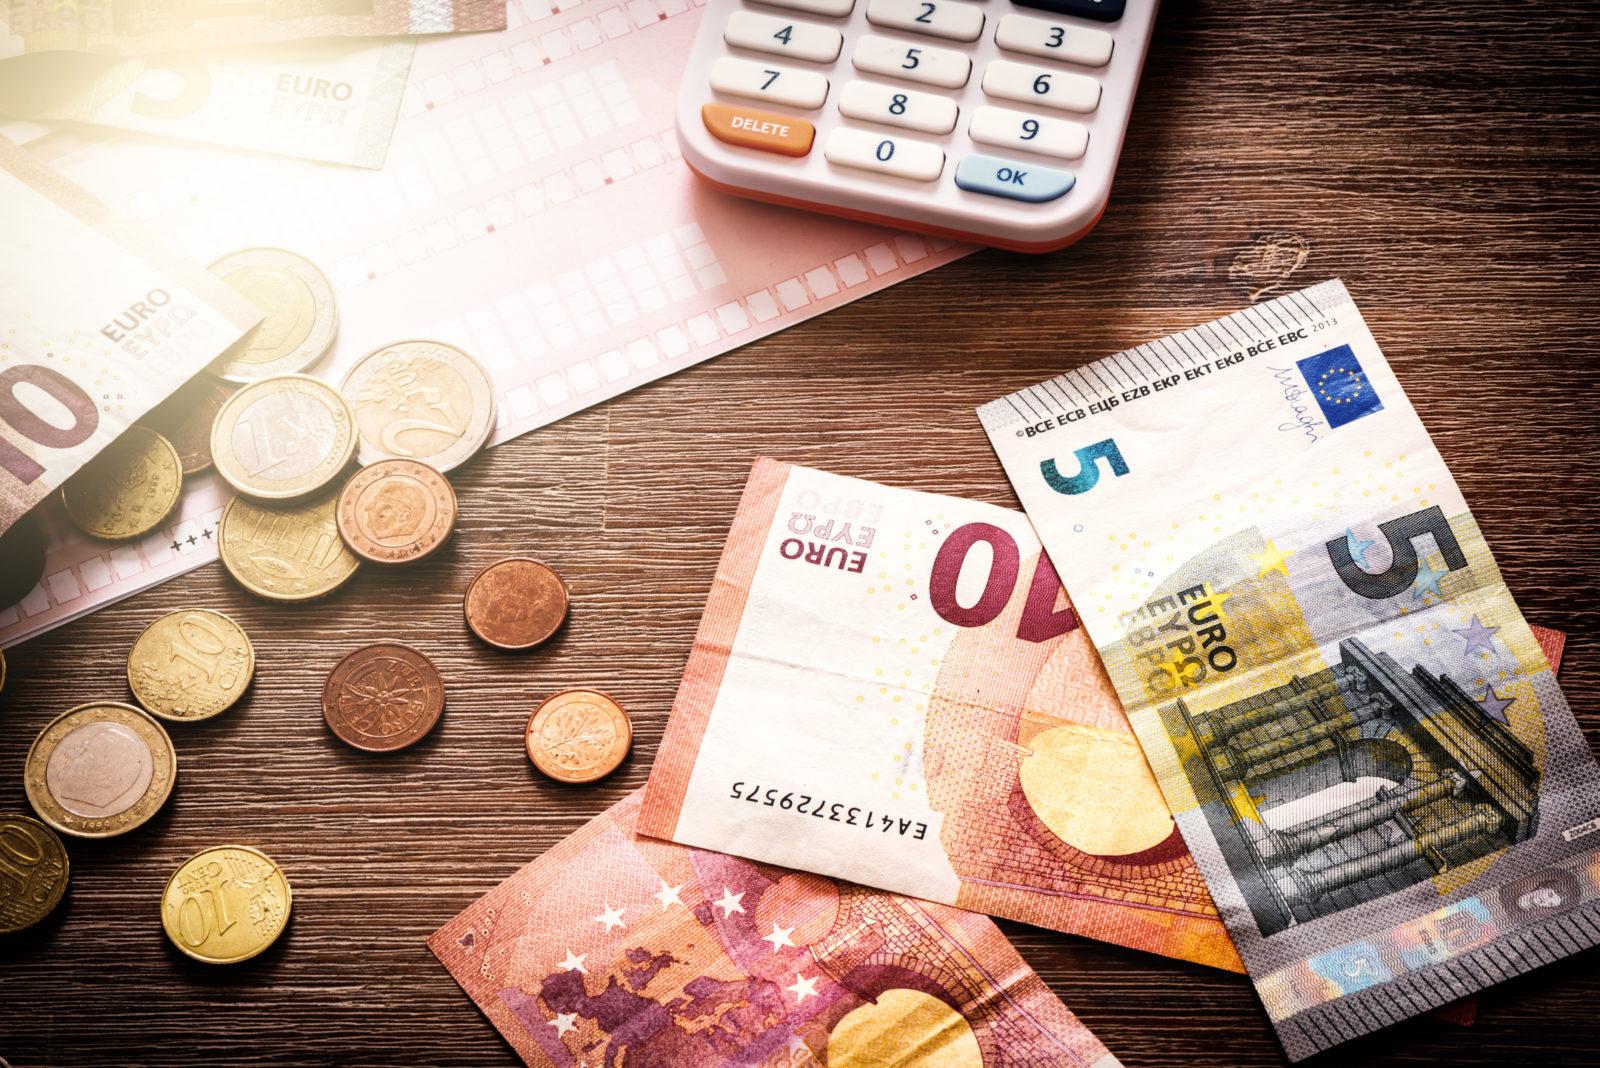 Corona Hilfs-Fonds – erweiterter Umsatzersatz  - 1.12.2020